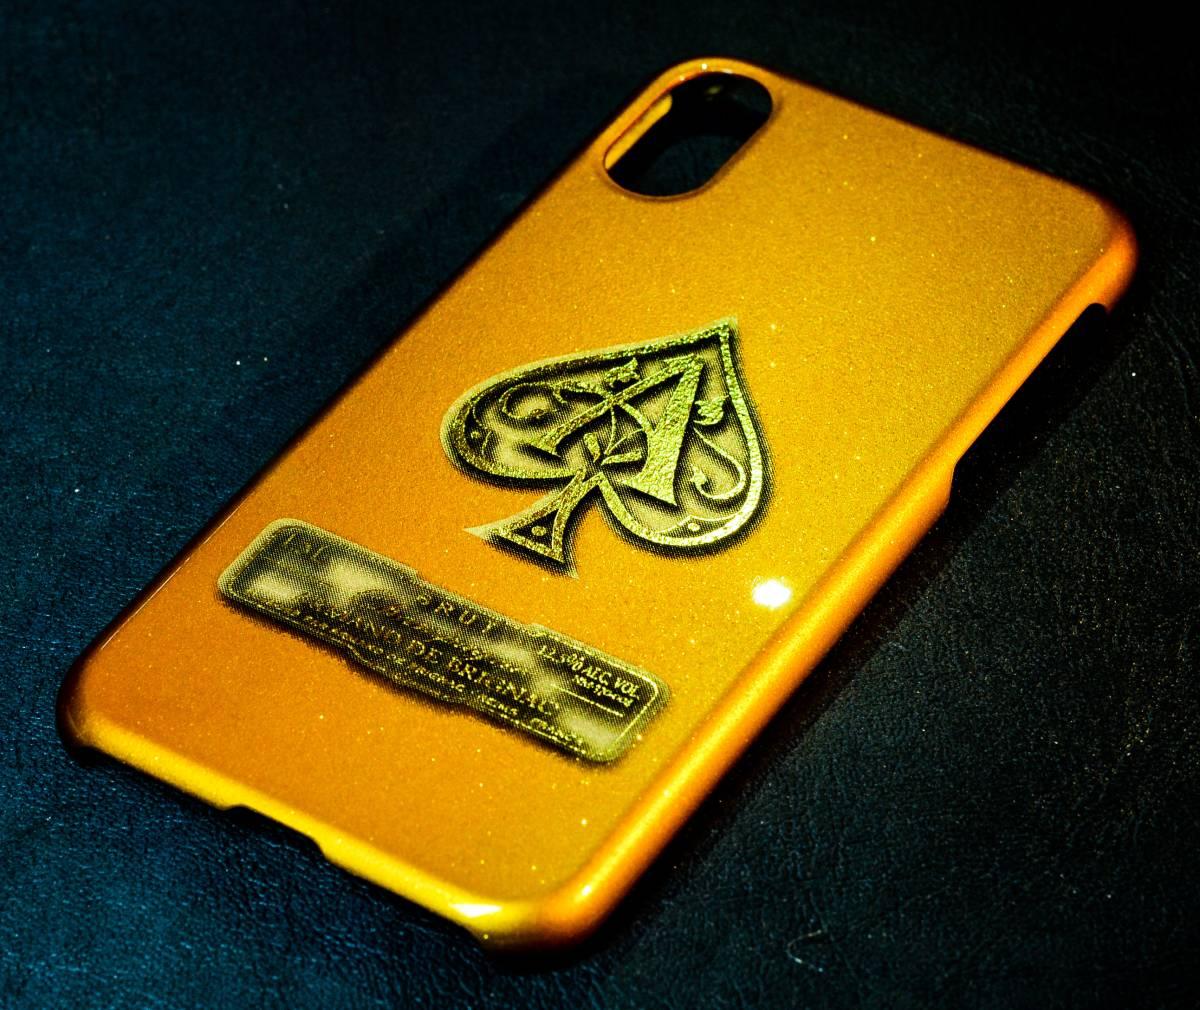 iPhoneX ケース カバー カスタムペイント キャンディゴールド ラメ フレーク アルマンド ARMAND アイコス カスタム_画像2